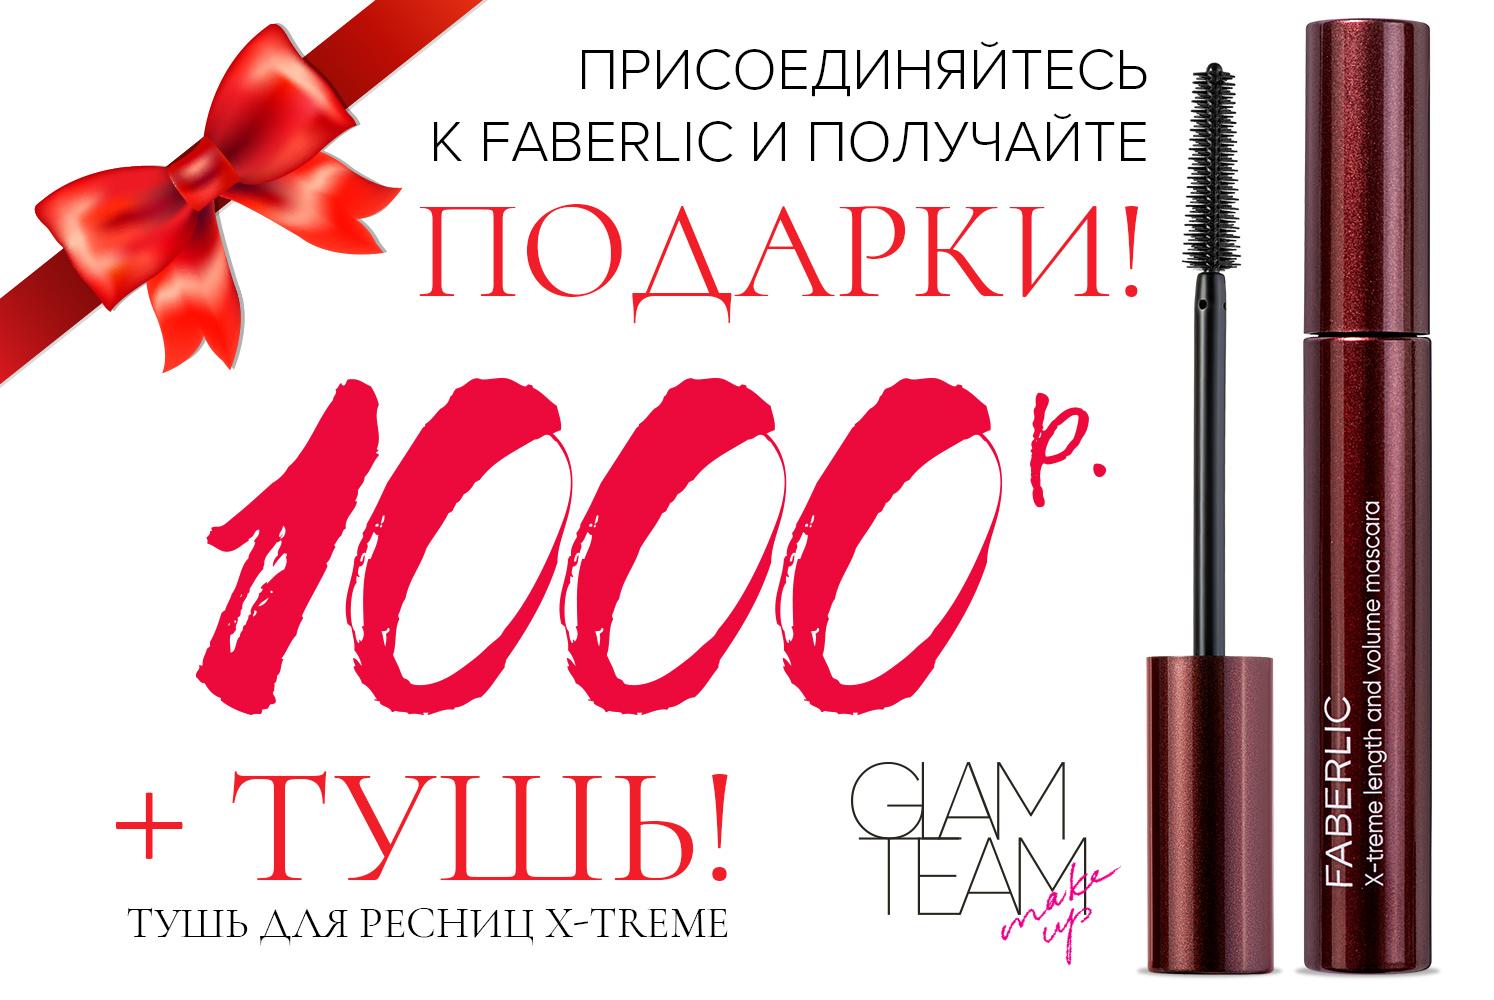 1000 рублей от Фаберлик в подарок новичкам